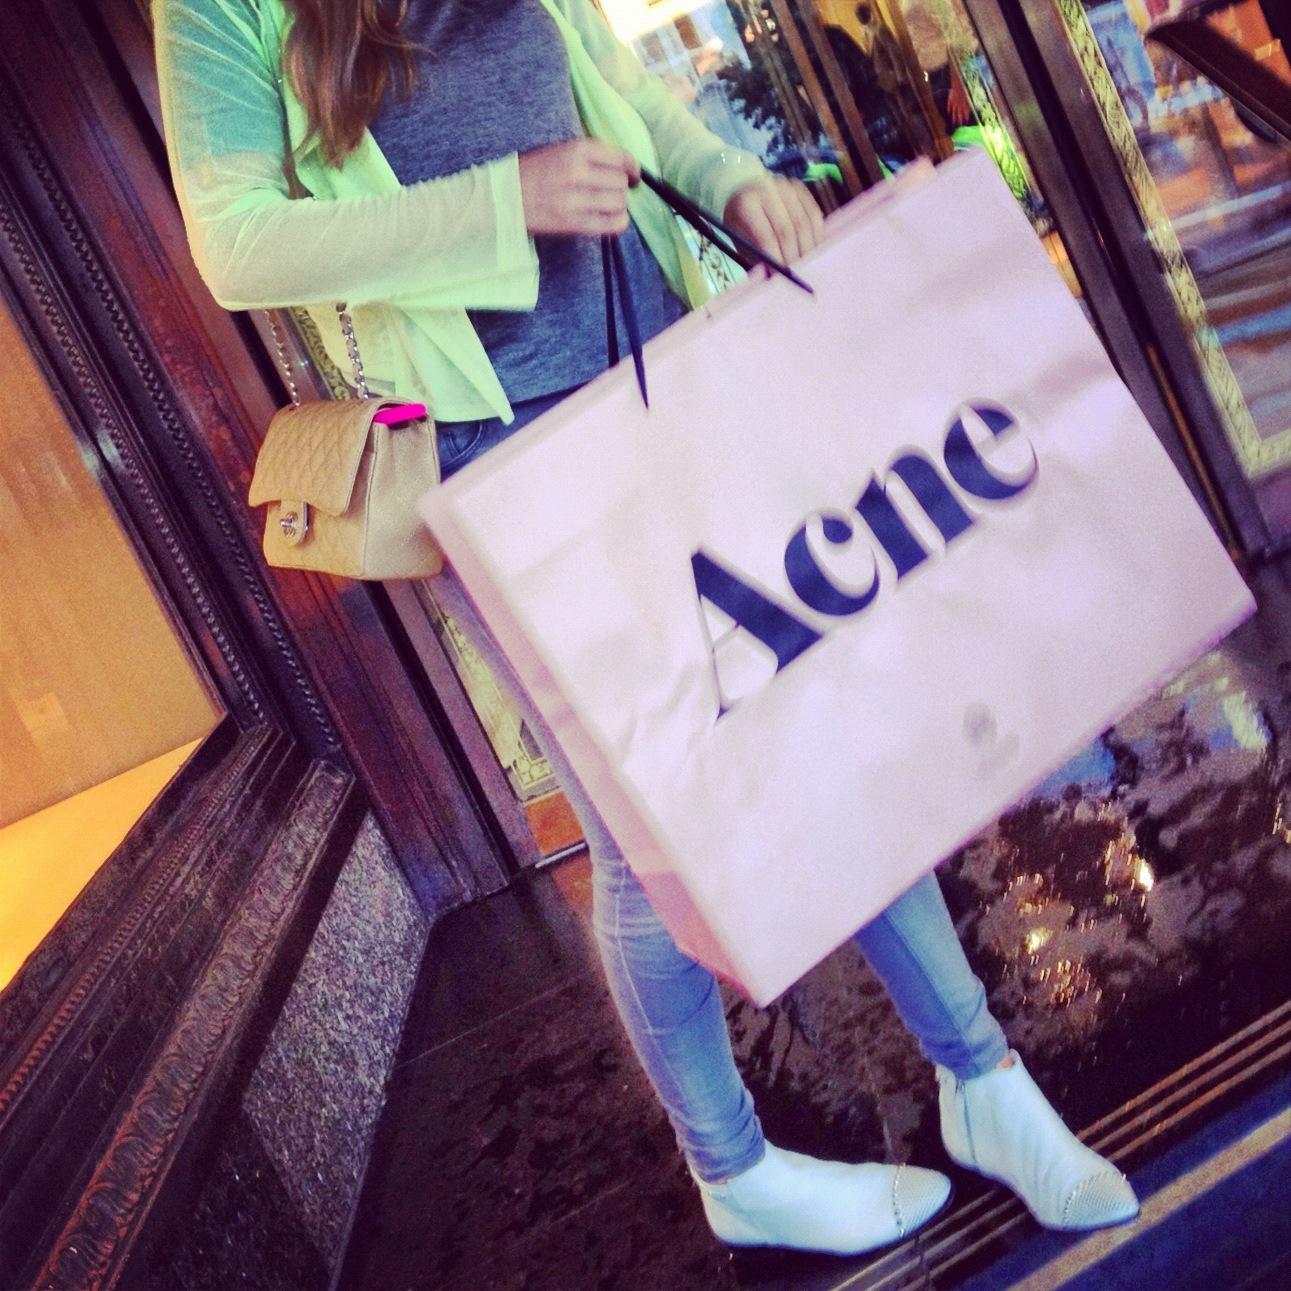 Acne jacket purchase